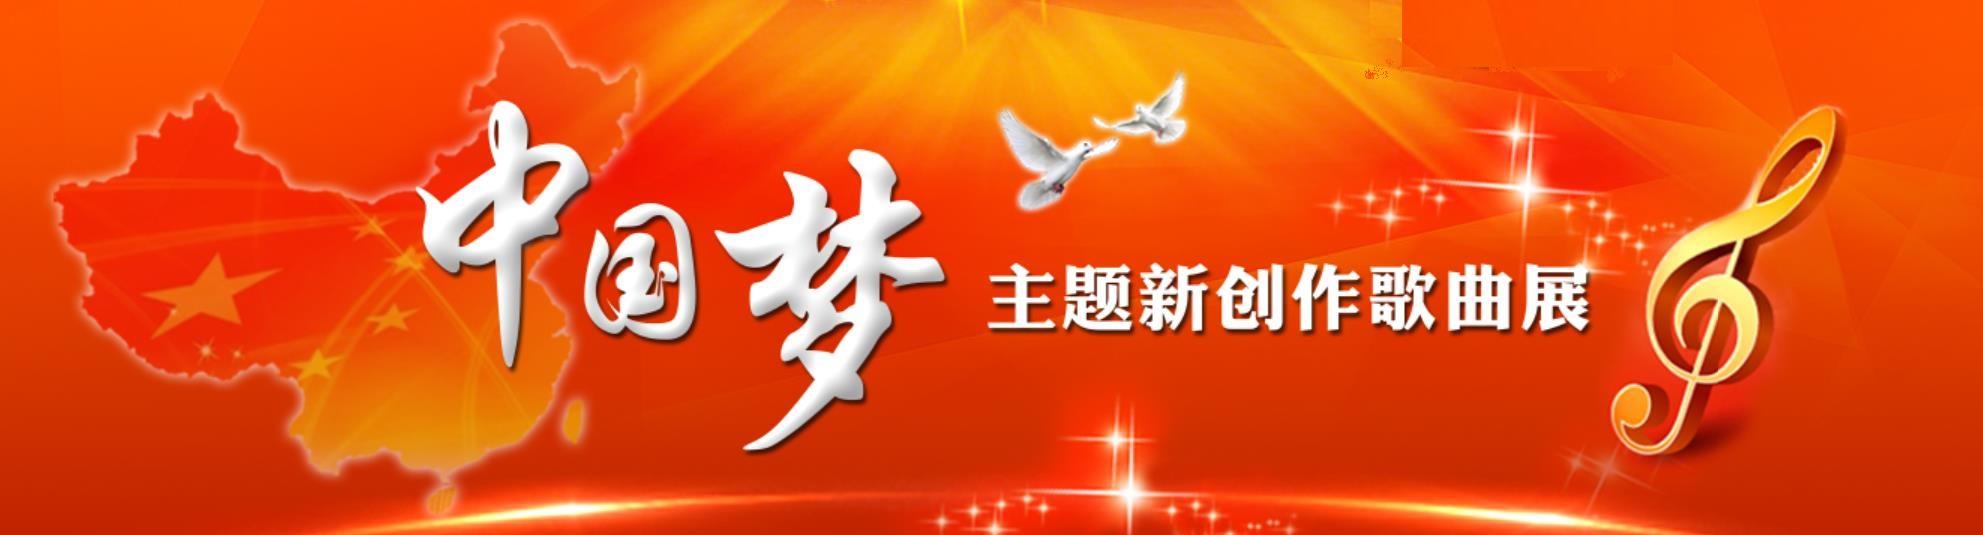 """第七批""""中国梦""""主题新创作歌曲展播"""